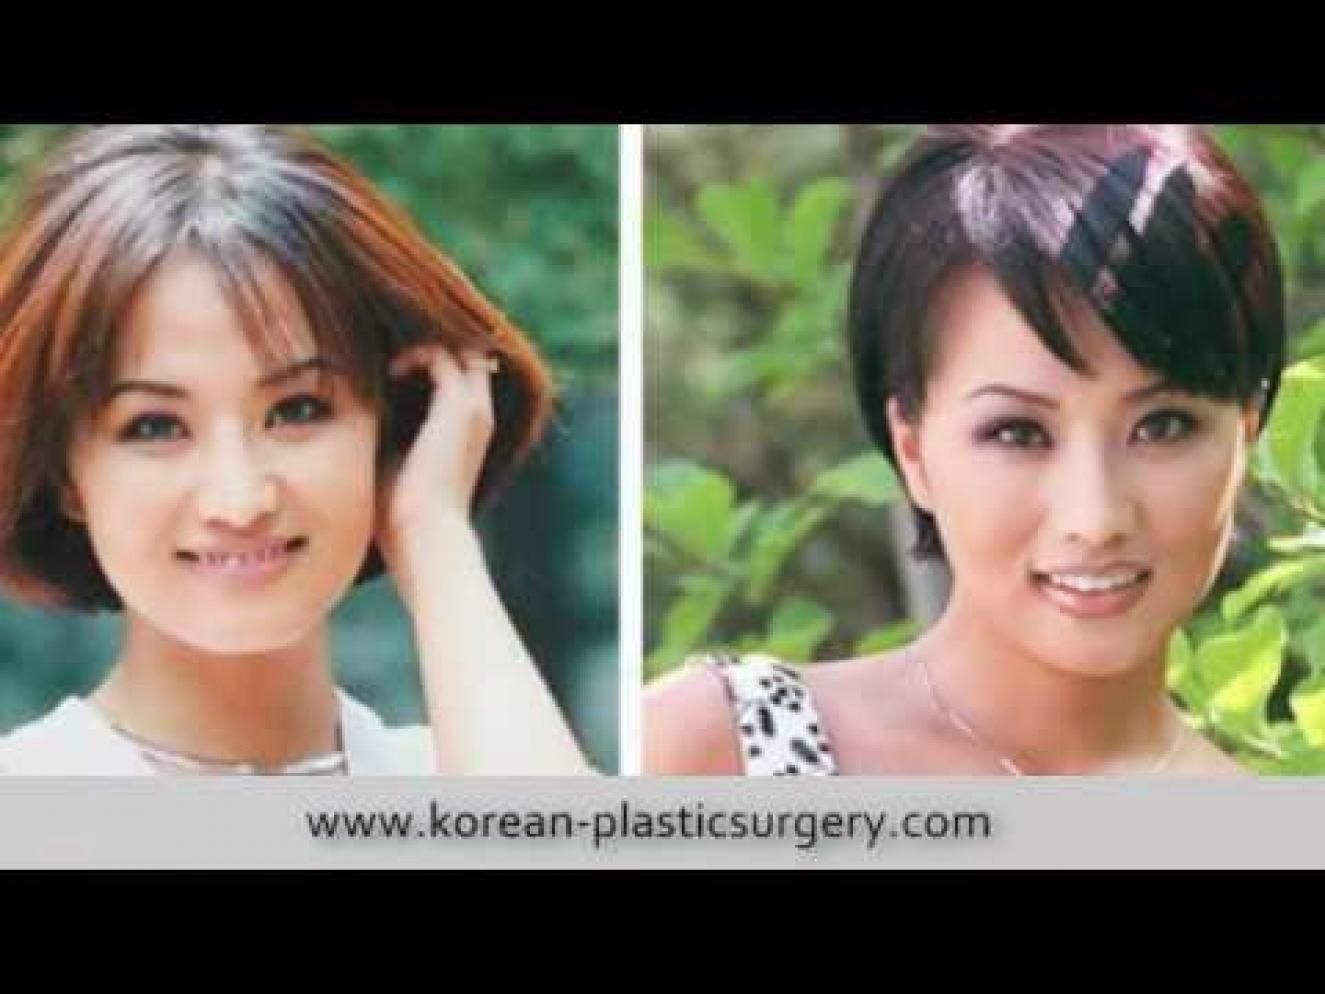 ดาราเกาหลีก่อนศัลยกรรม